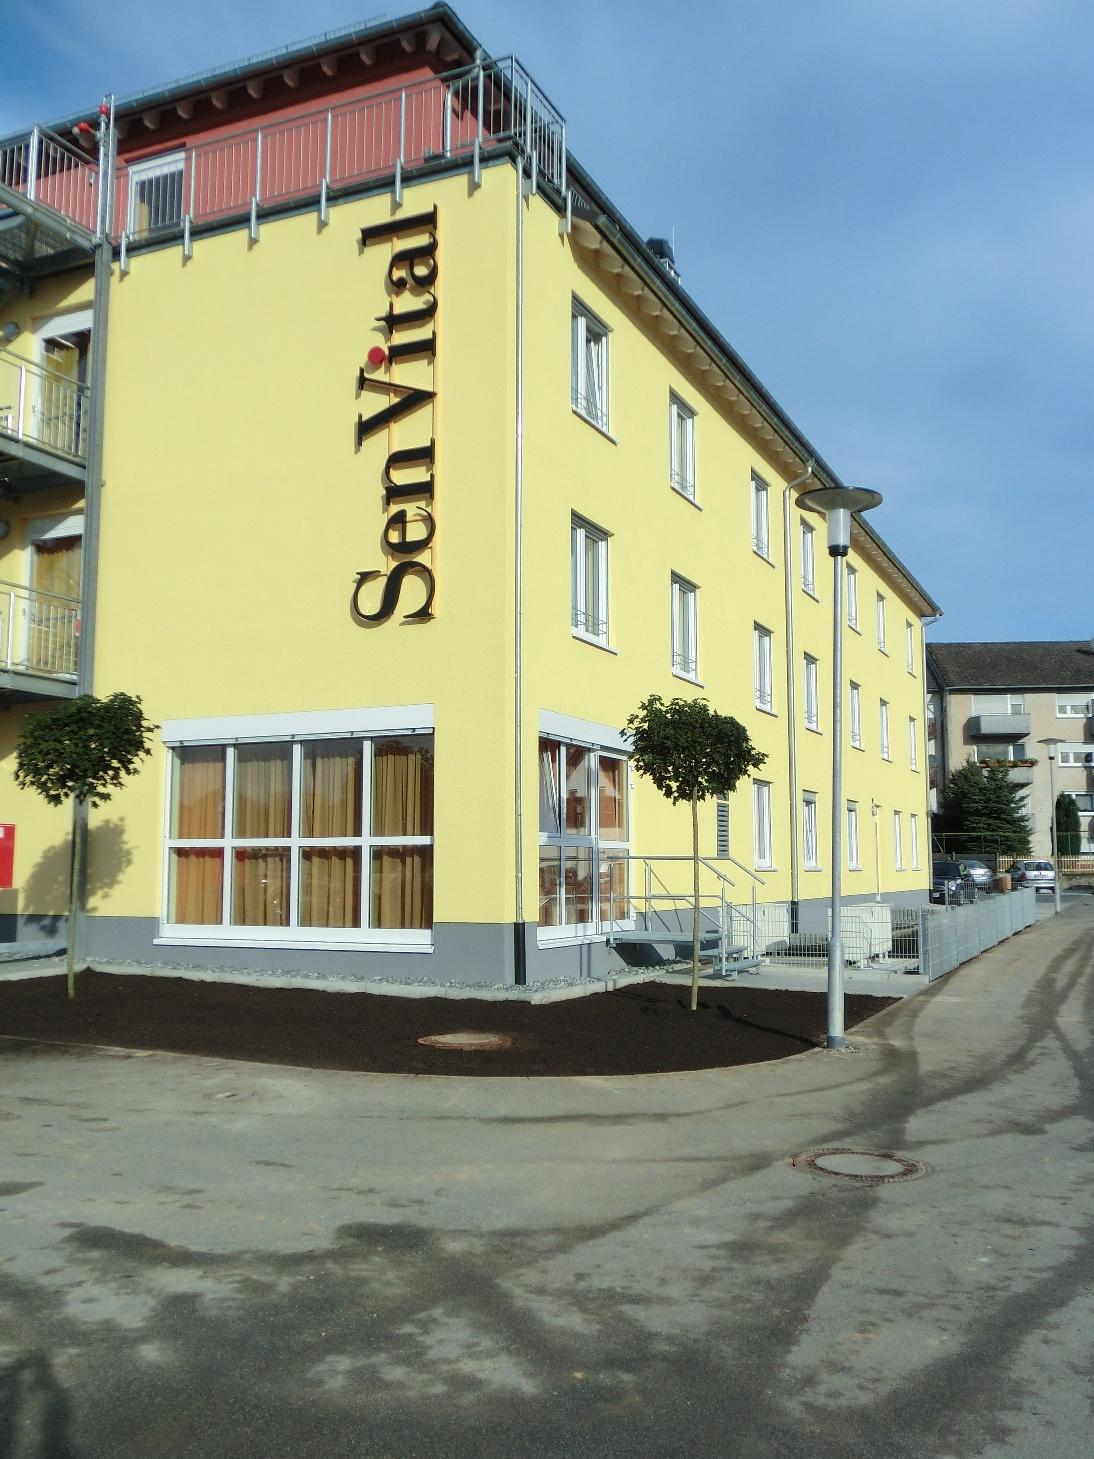 SenVital Senioren- und Pflegezentrum Mörlenbach am Bürgerhaus